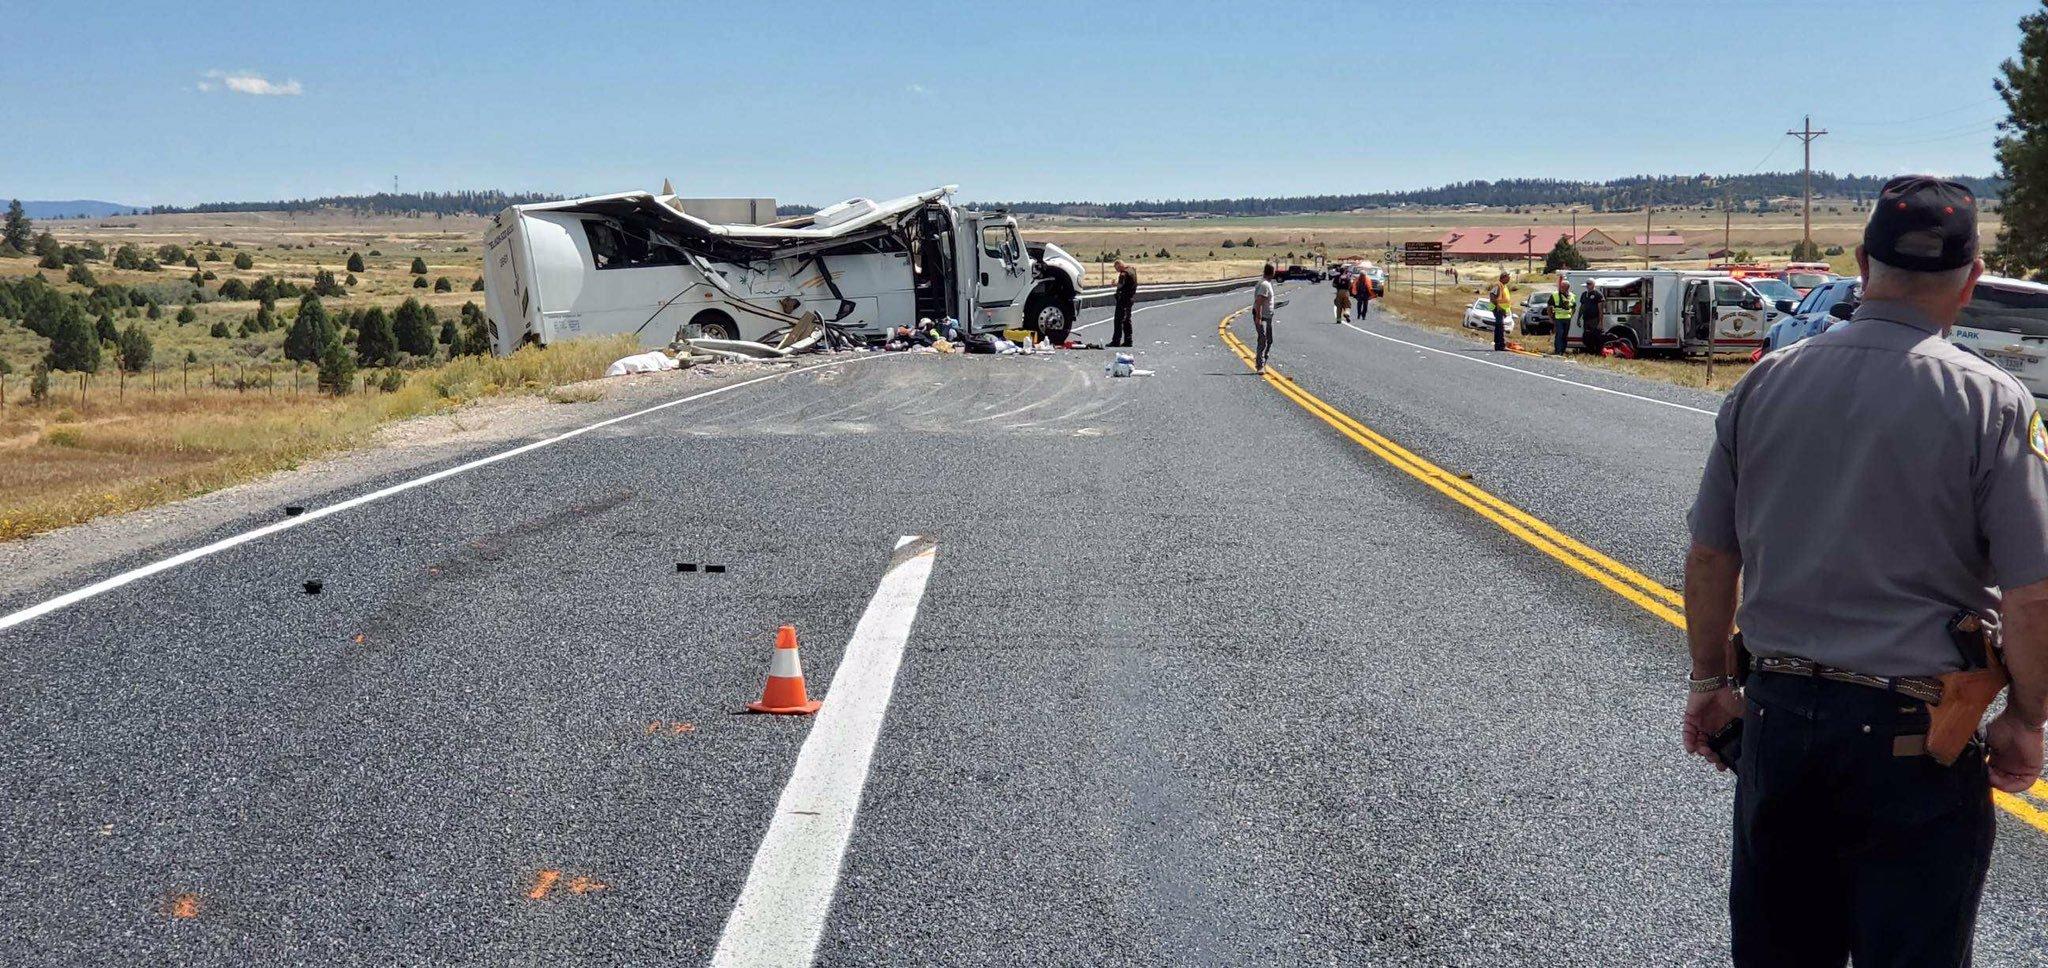 事故現場位於猶他州12號高速公路。(圖/當地警署 Garfield County Sheriff's Office)